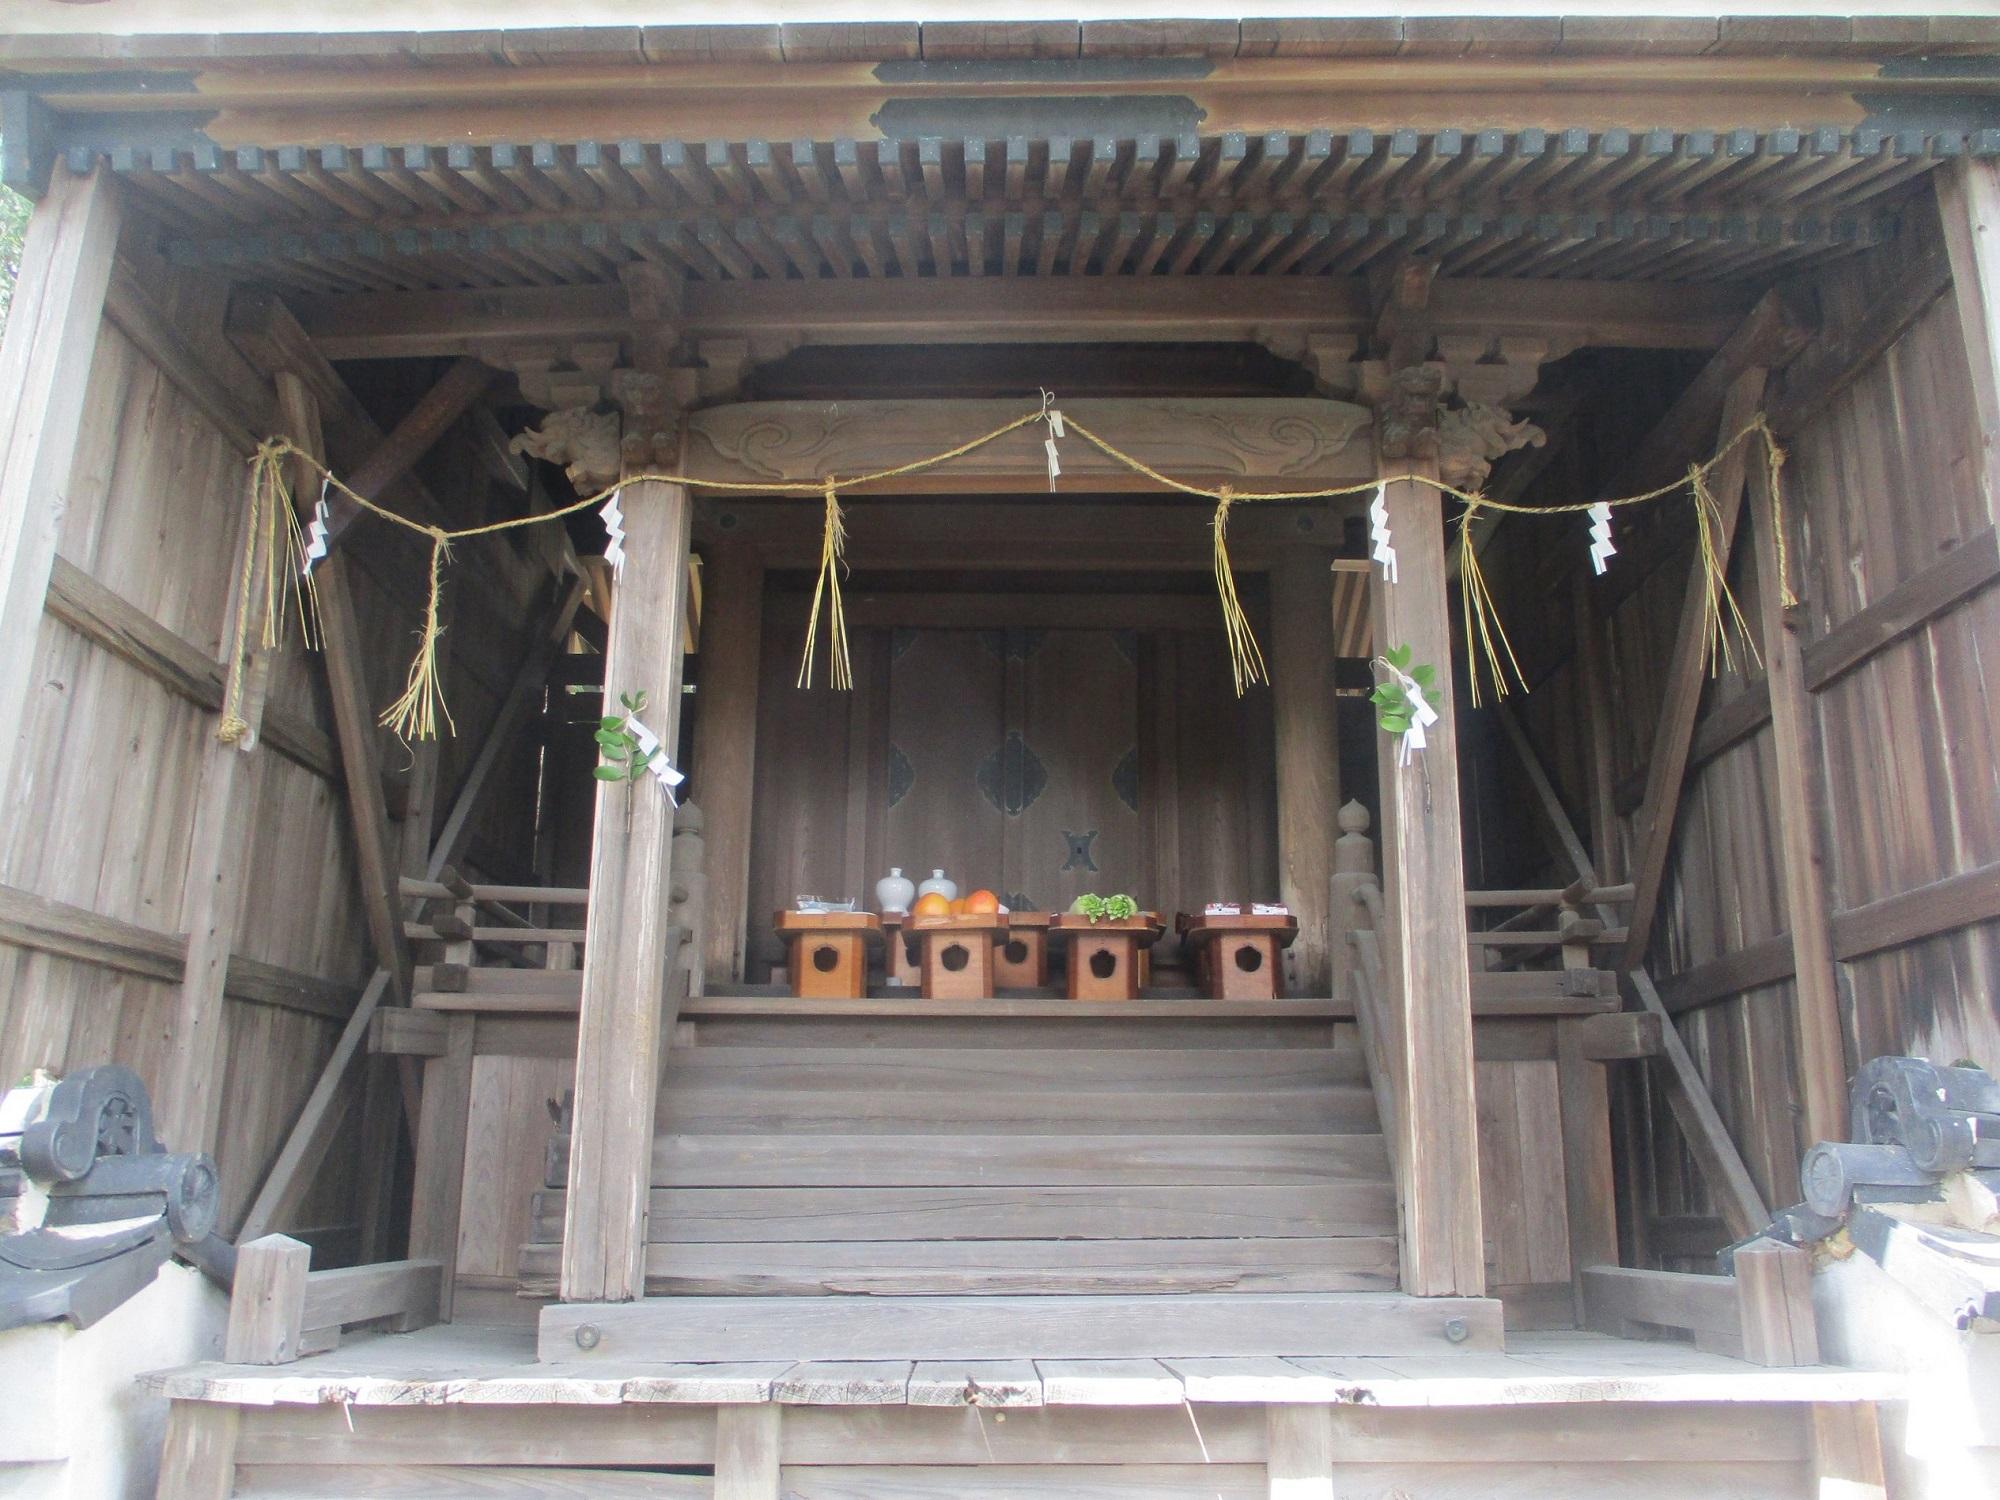 2020.6.27 (35) 桜本天神 - 本殿 2000-1500